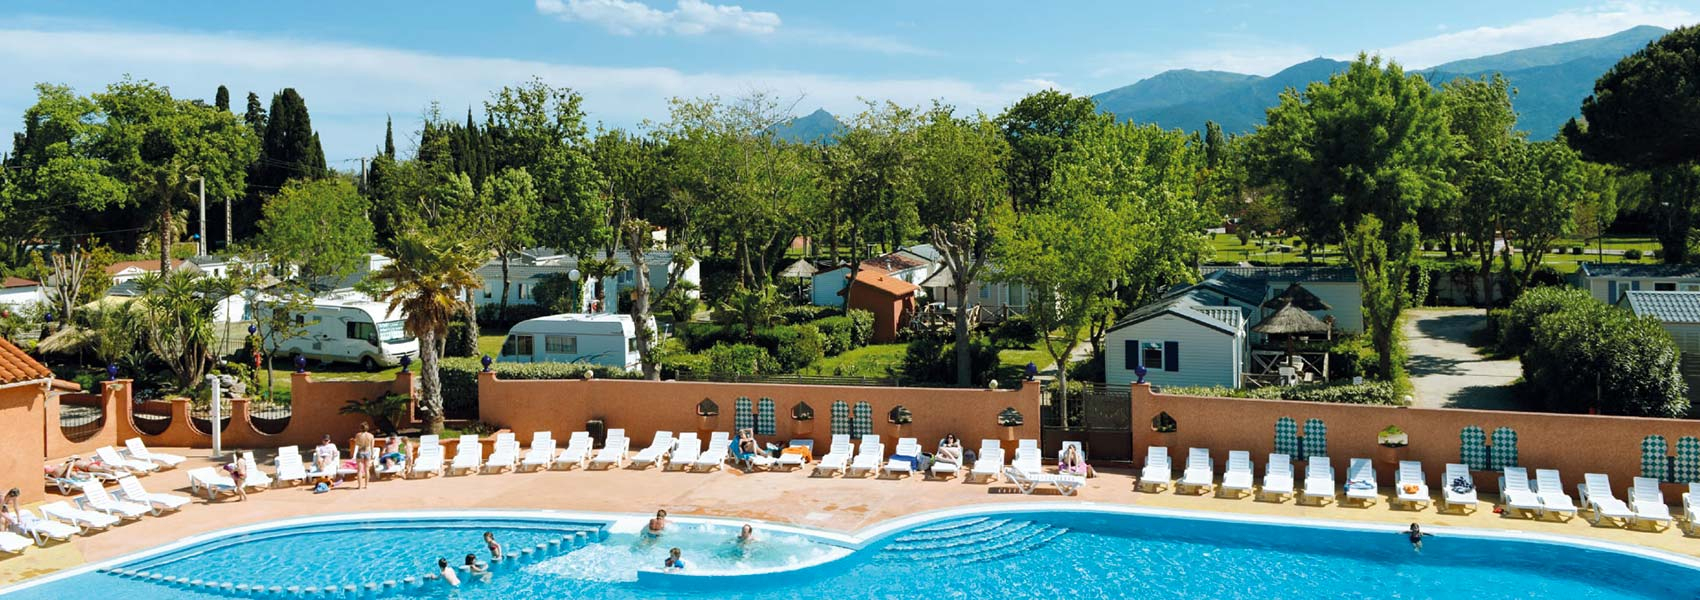 Camping Argeles Sur Mer | Camping 4 Étoiles Argeles | Séjour ... intérieur Camping Pyrénées Avec Piscine